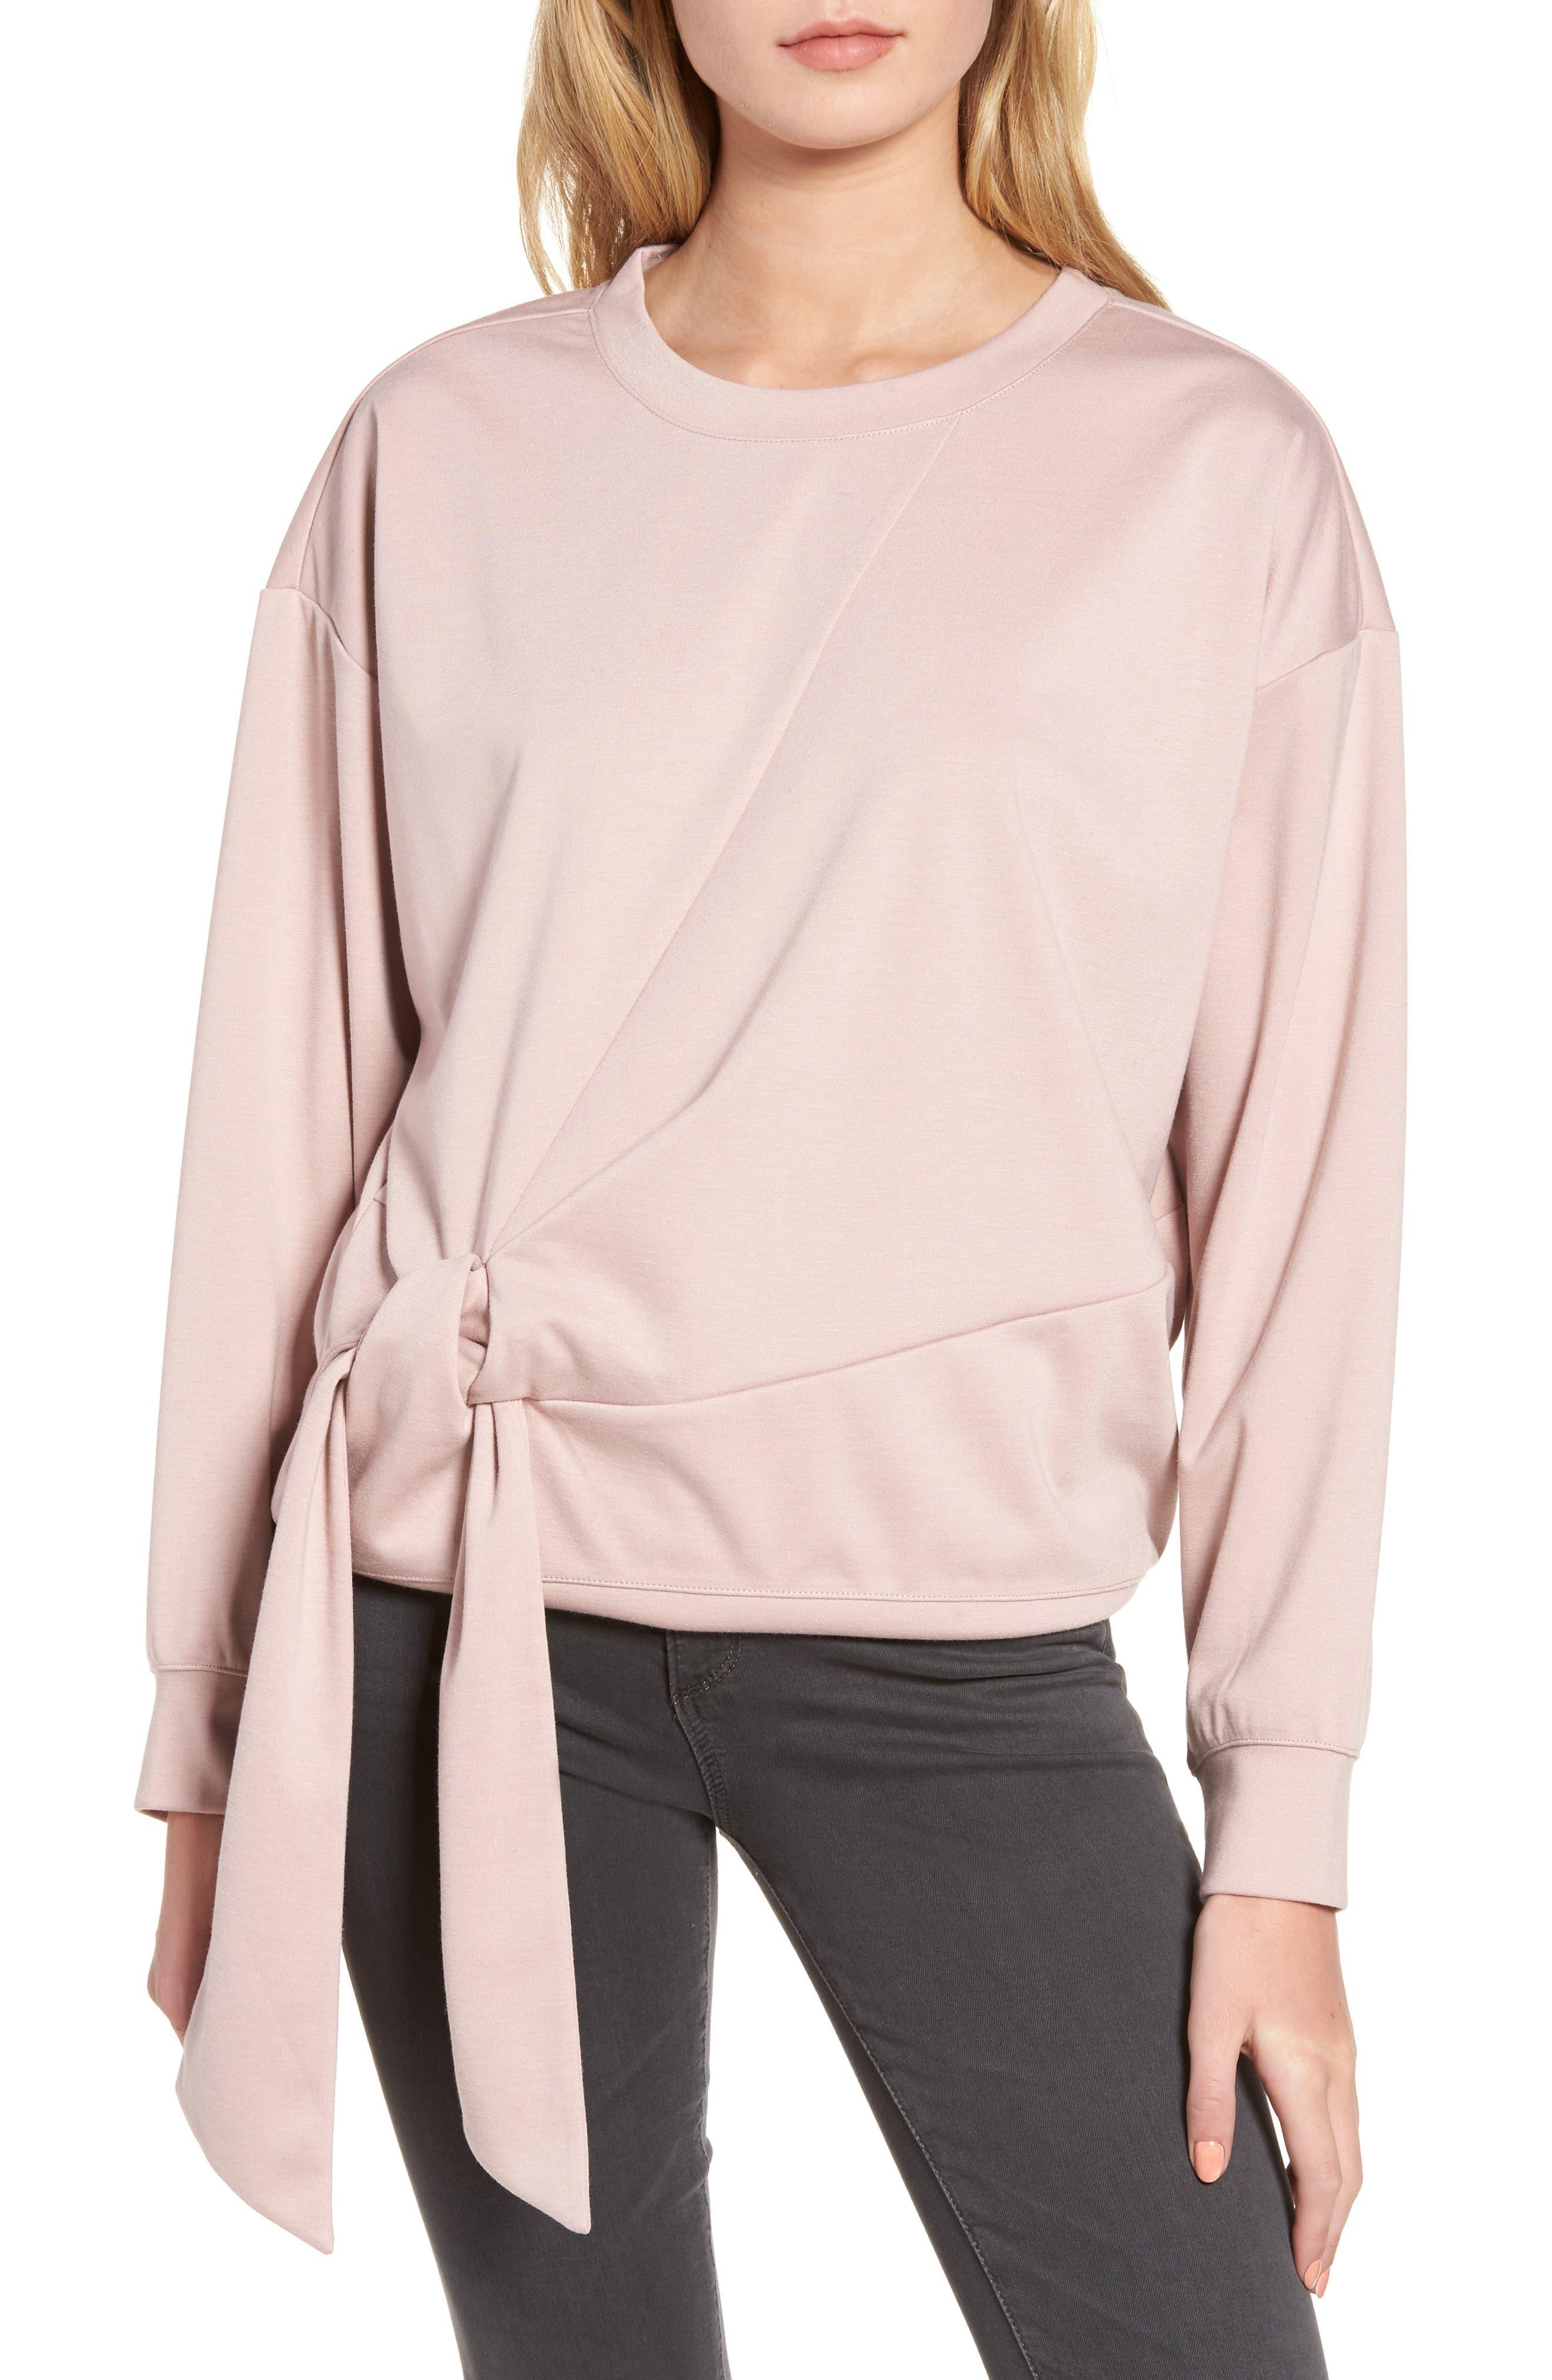 Trouvé Tie Front Sweatshirt